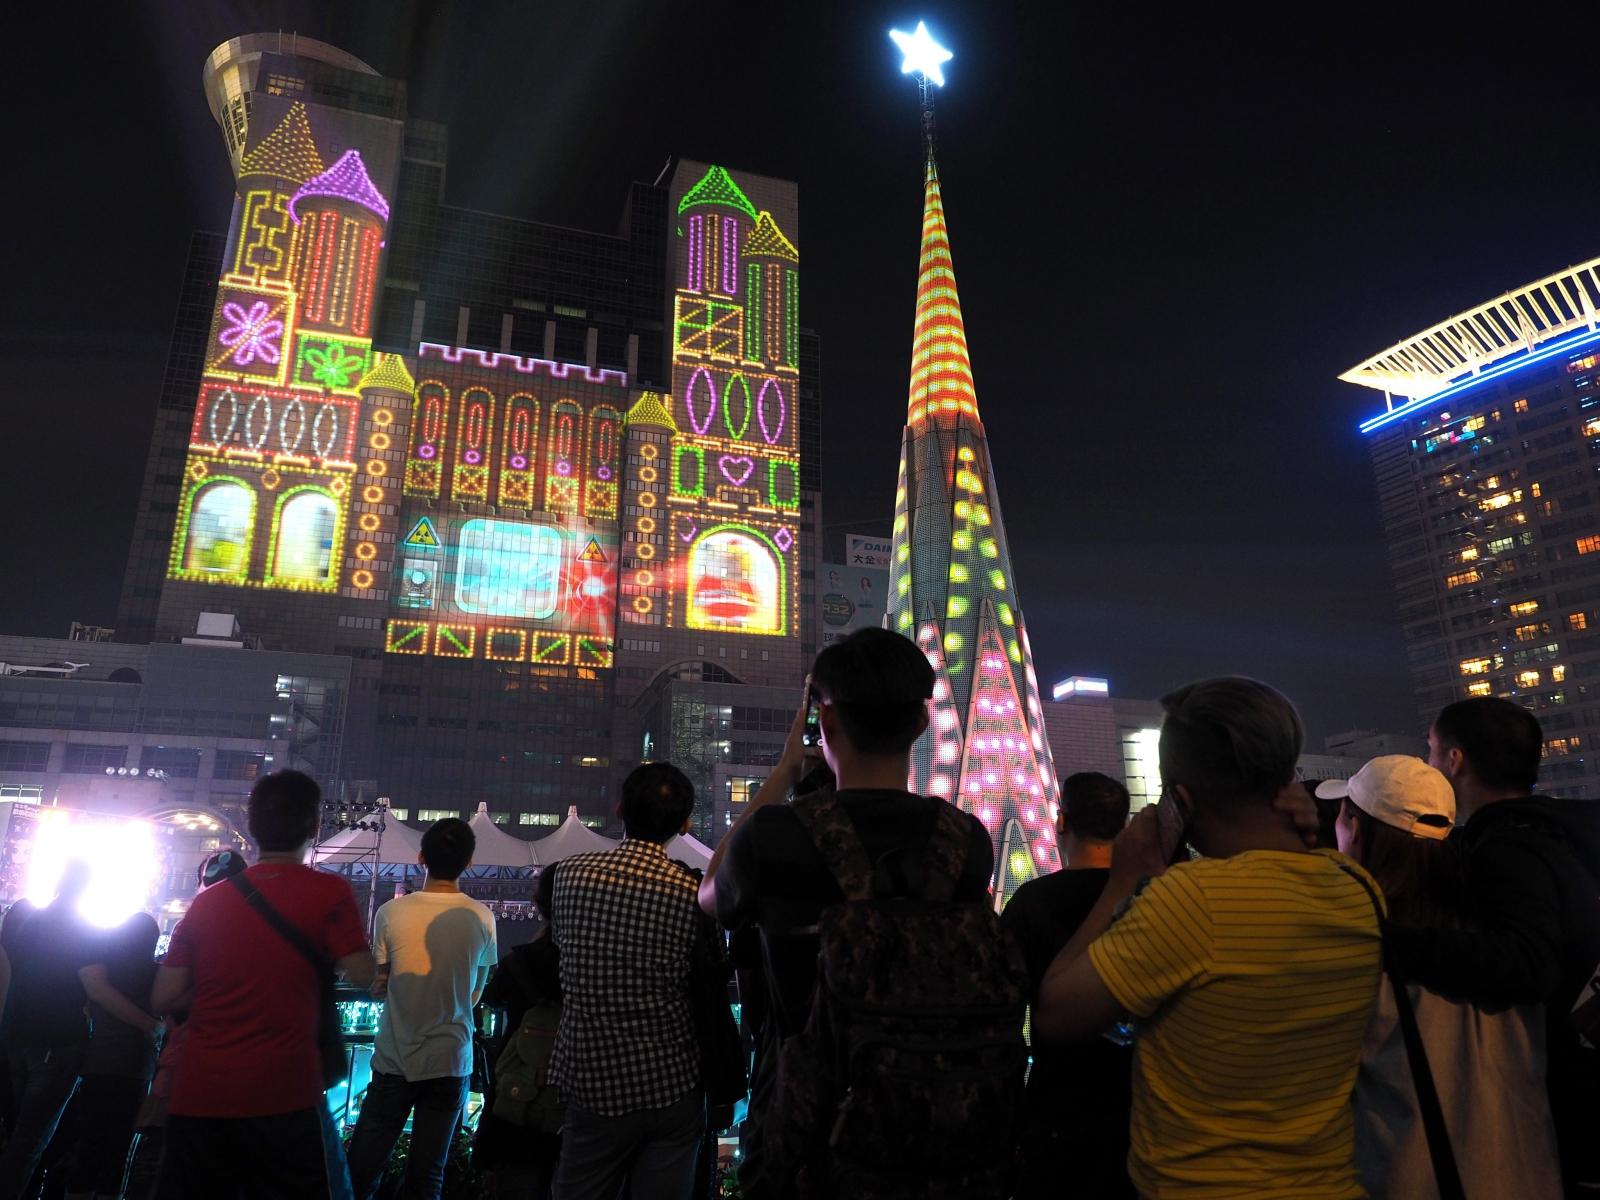 Tajwańczycy oglądają trójwymiarową choinkę i animację wyświetlaną na budynku w Banciao, północny Tajwan.